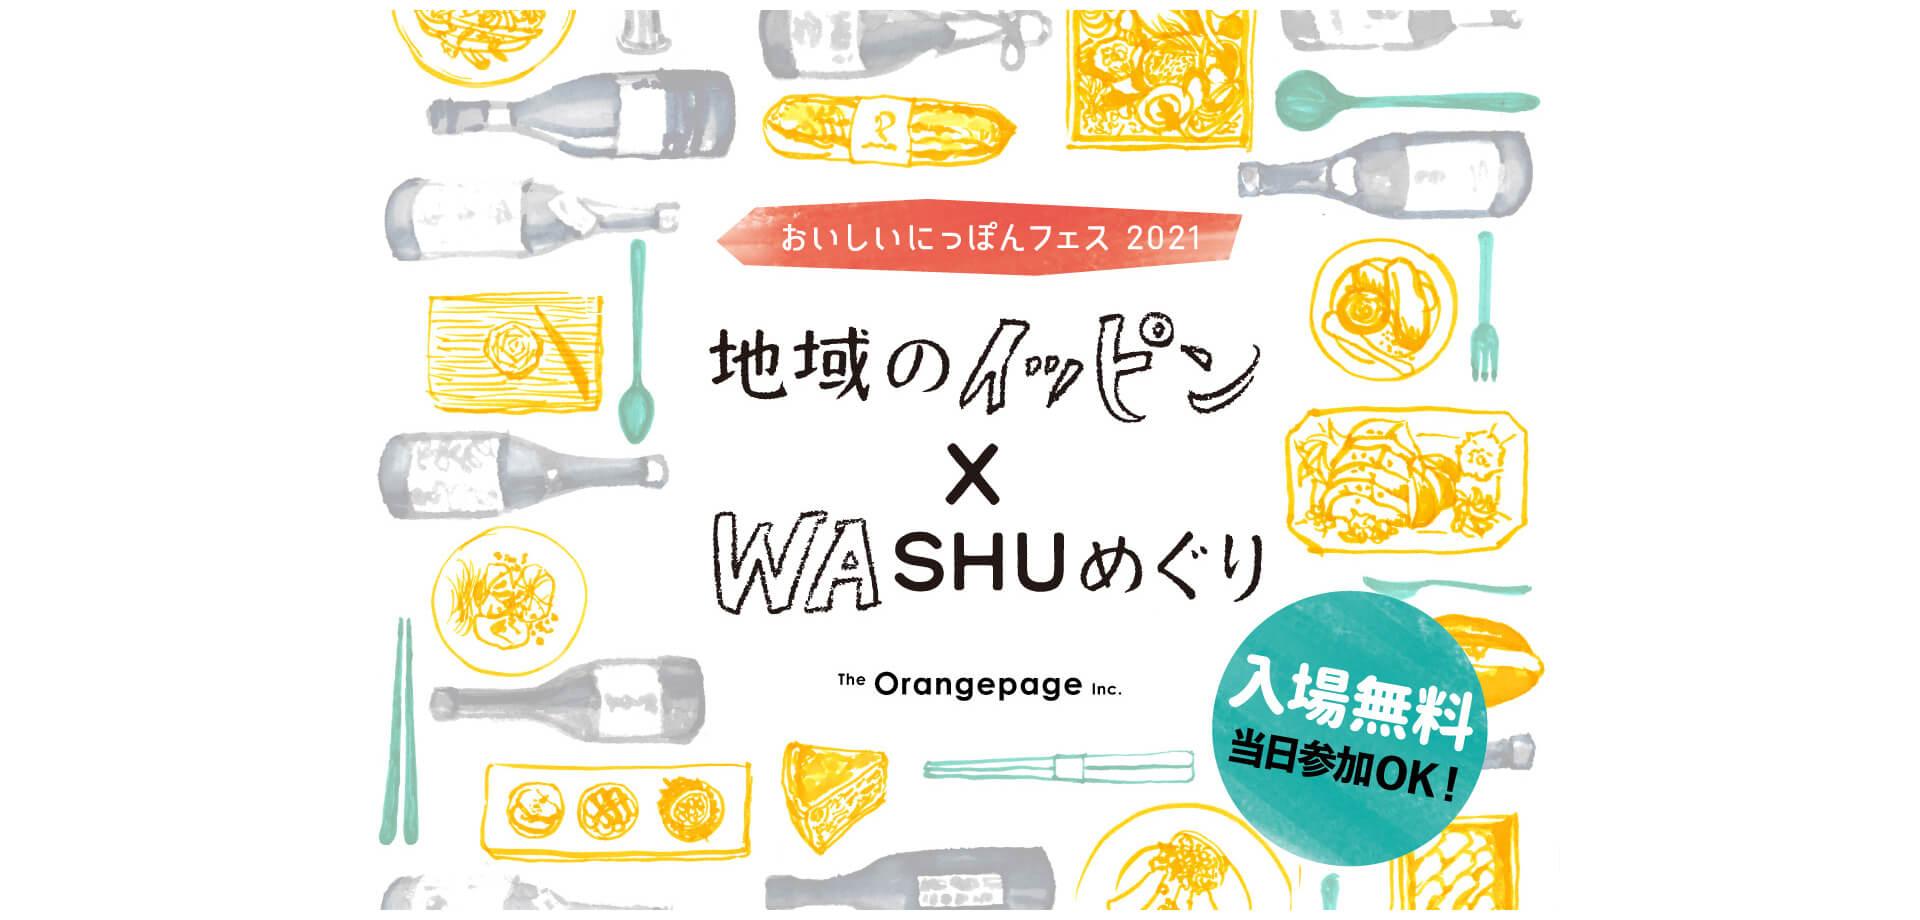 オレンジページ「おいしいにっぽんフェス2021地域のイッピン×WASHUめぐり」